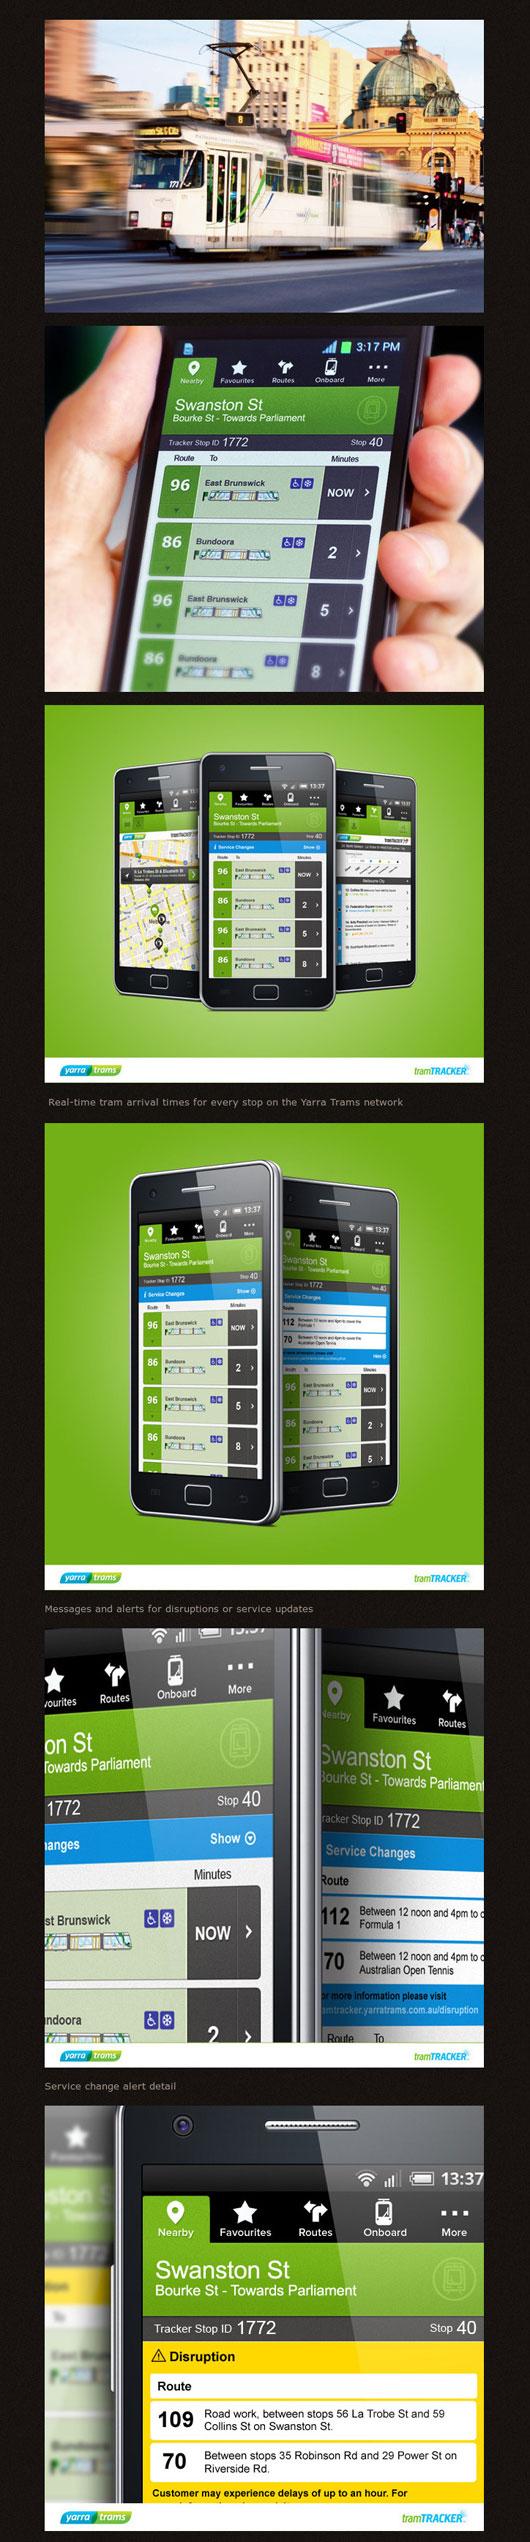 Android App UI Designs